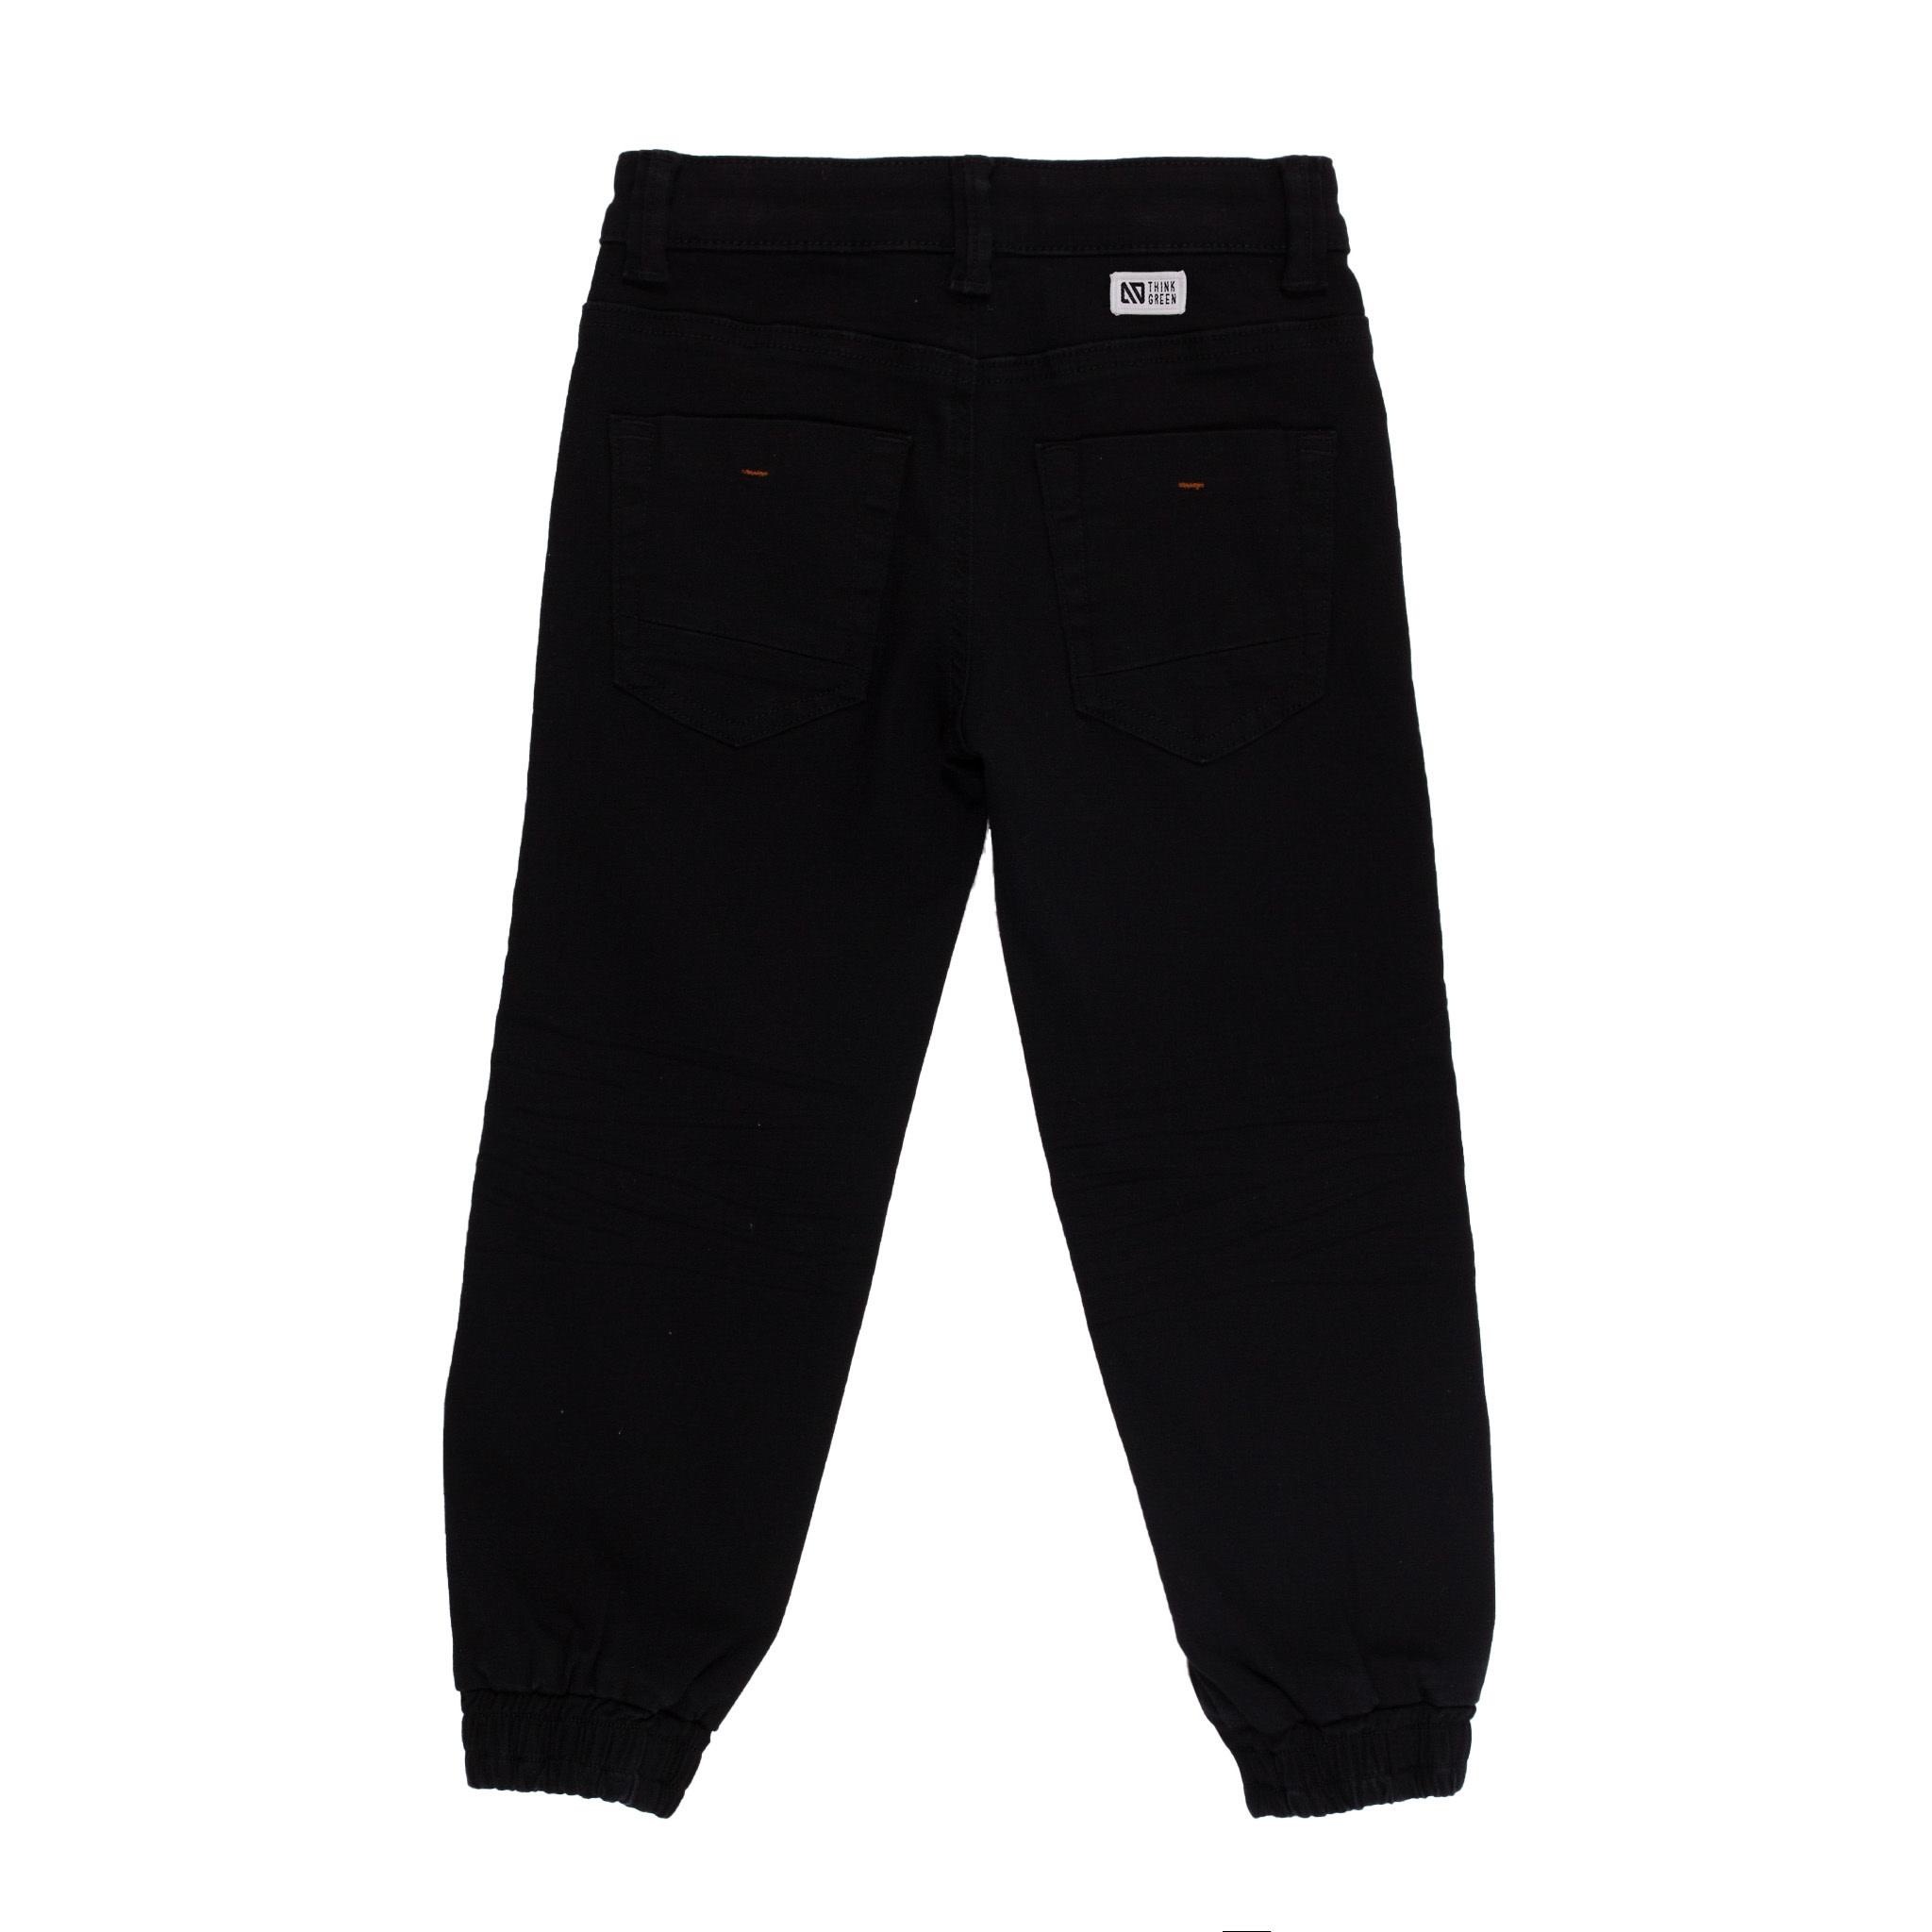 Pantalon club des insectes-2